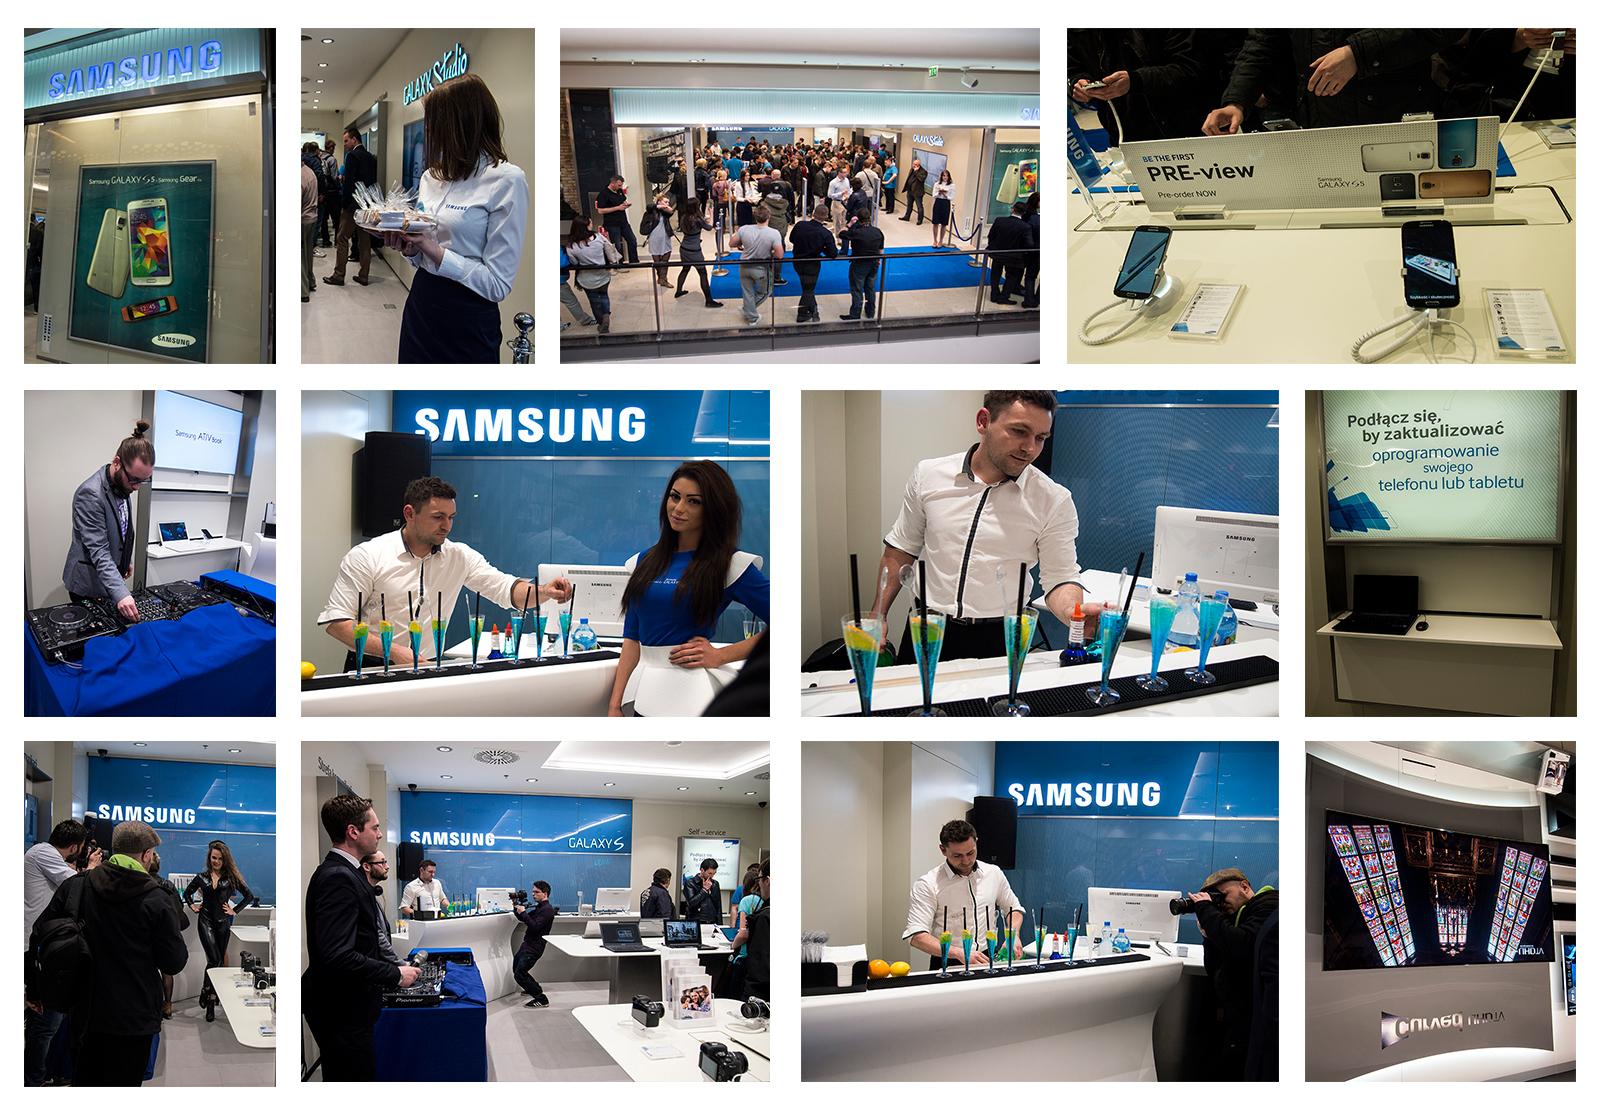 SamsungBrandStore